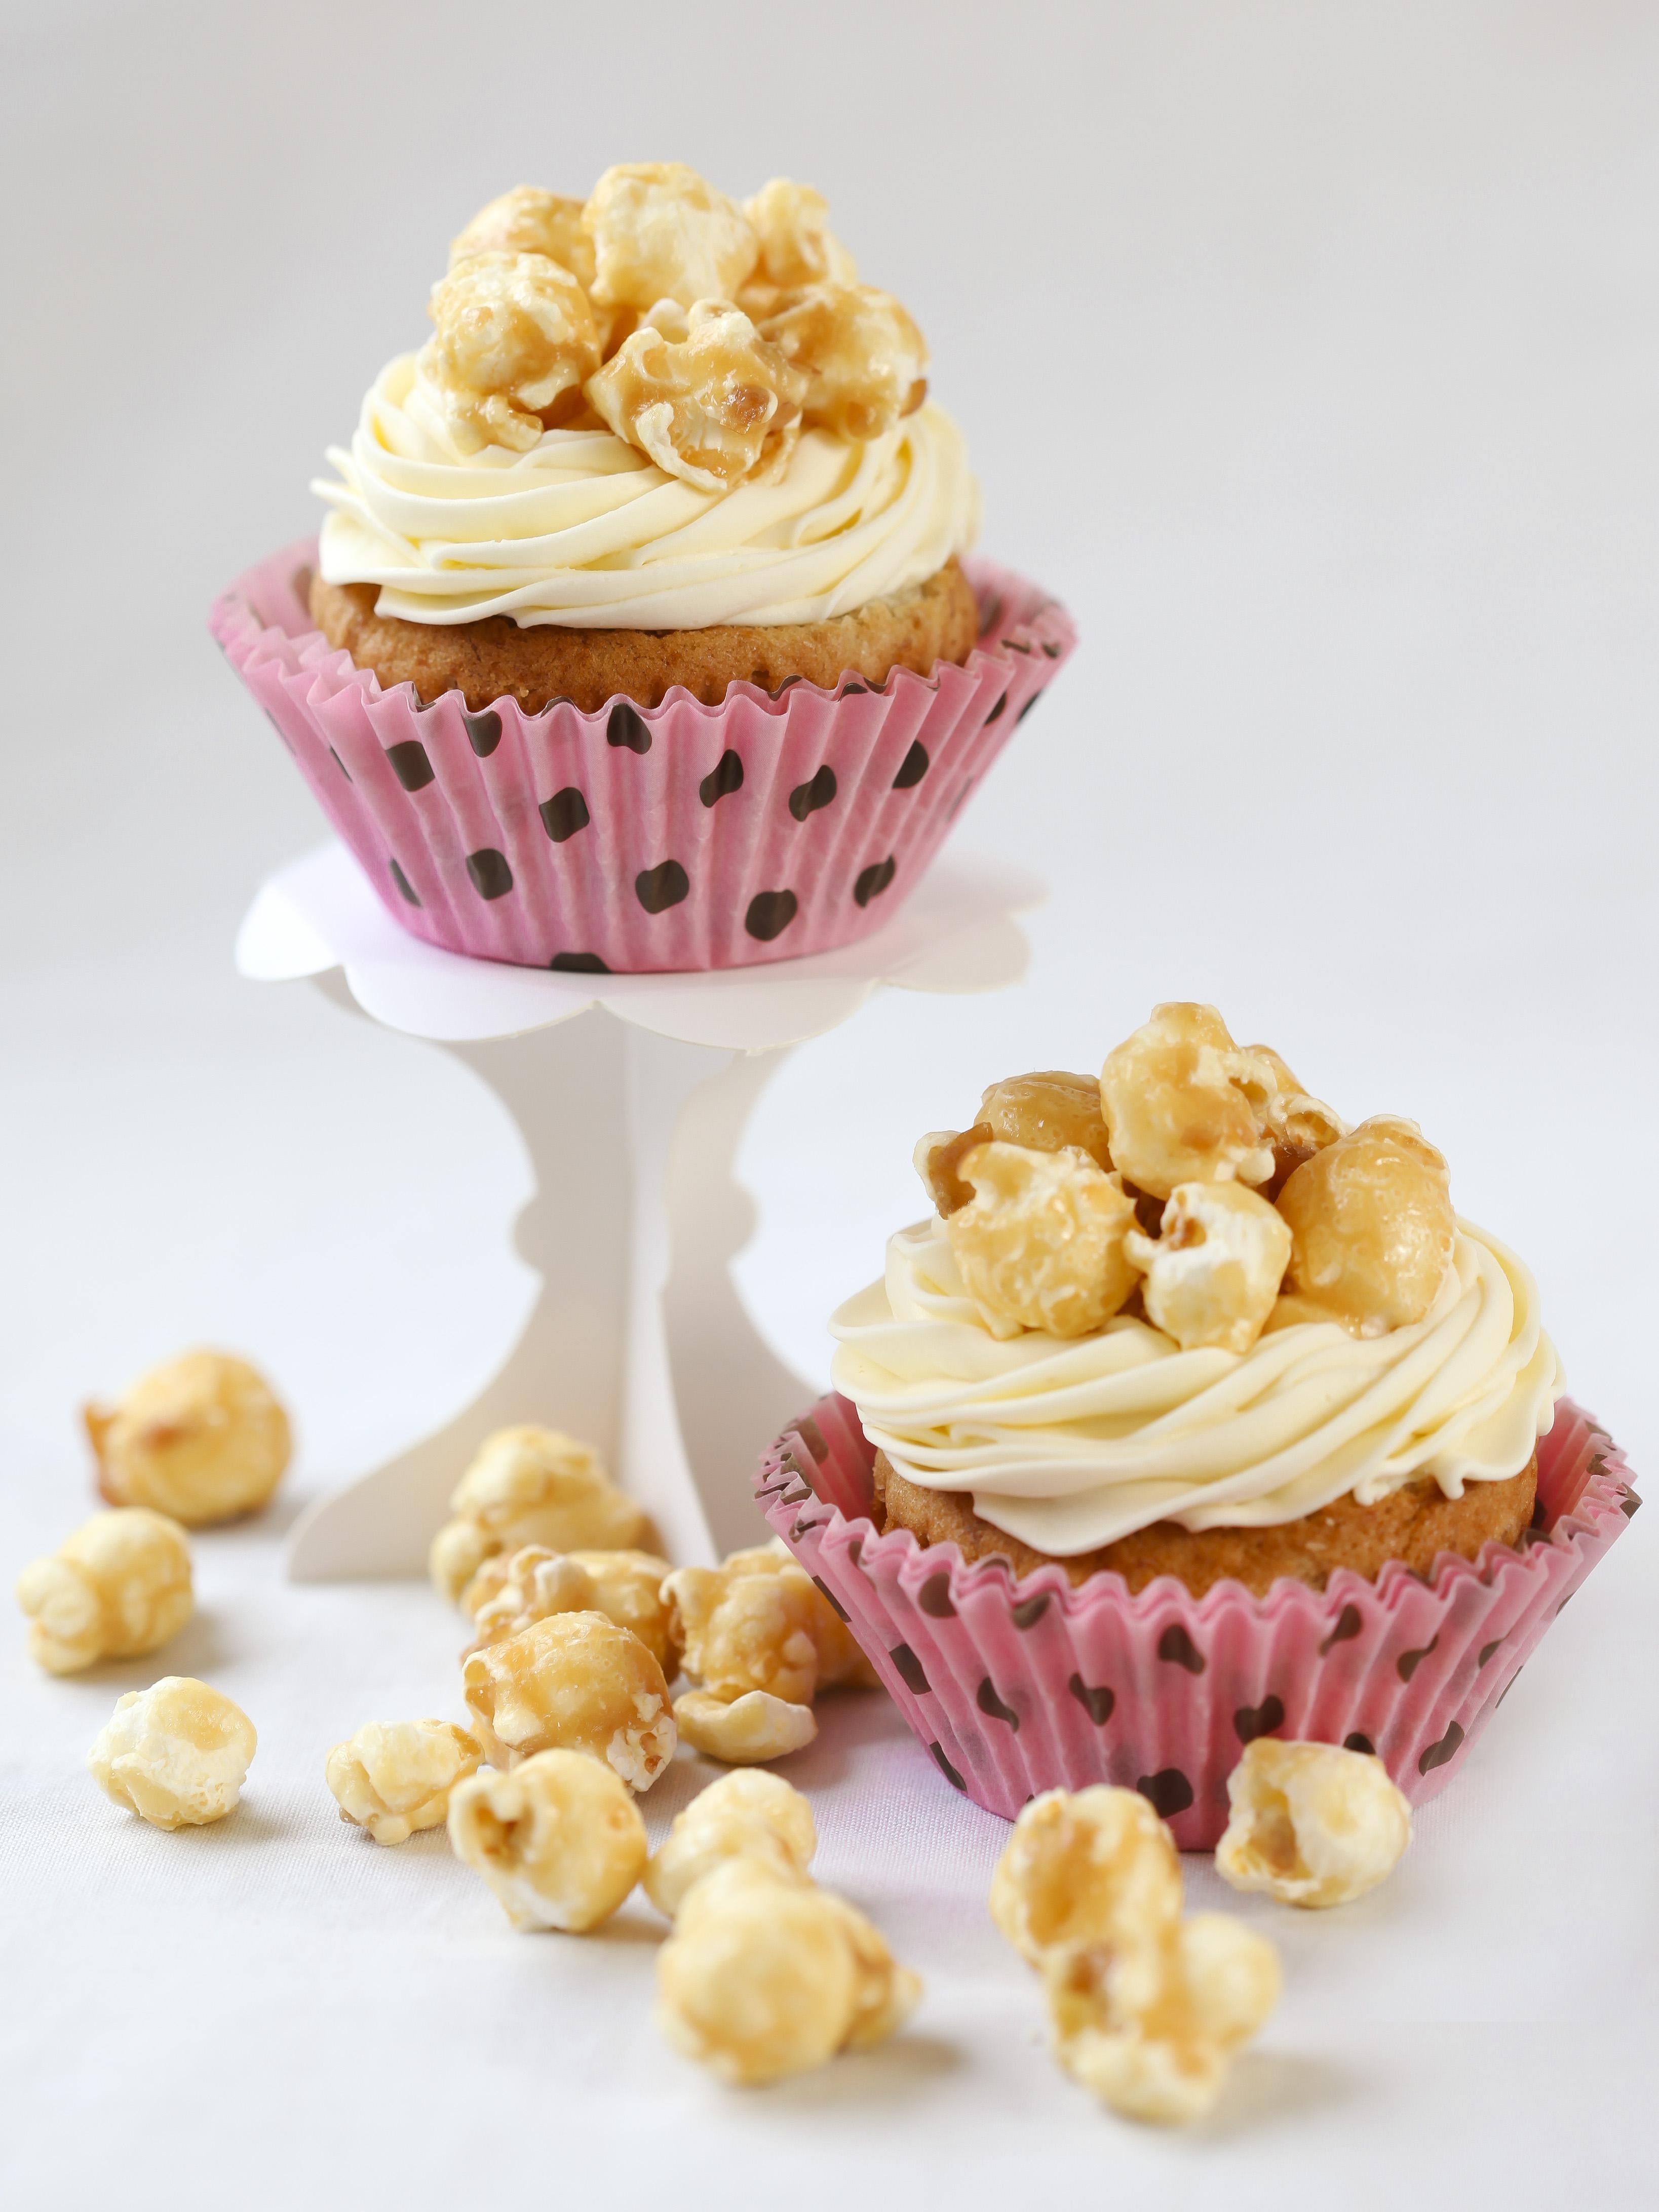 Banana Caramel Popcorn Cupcakes